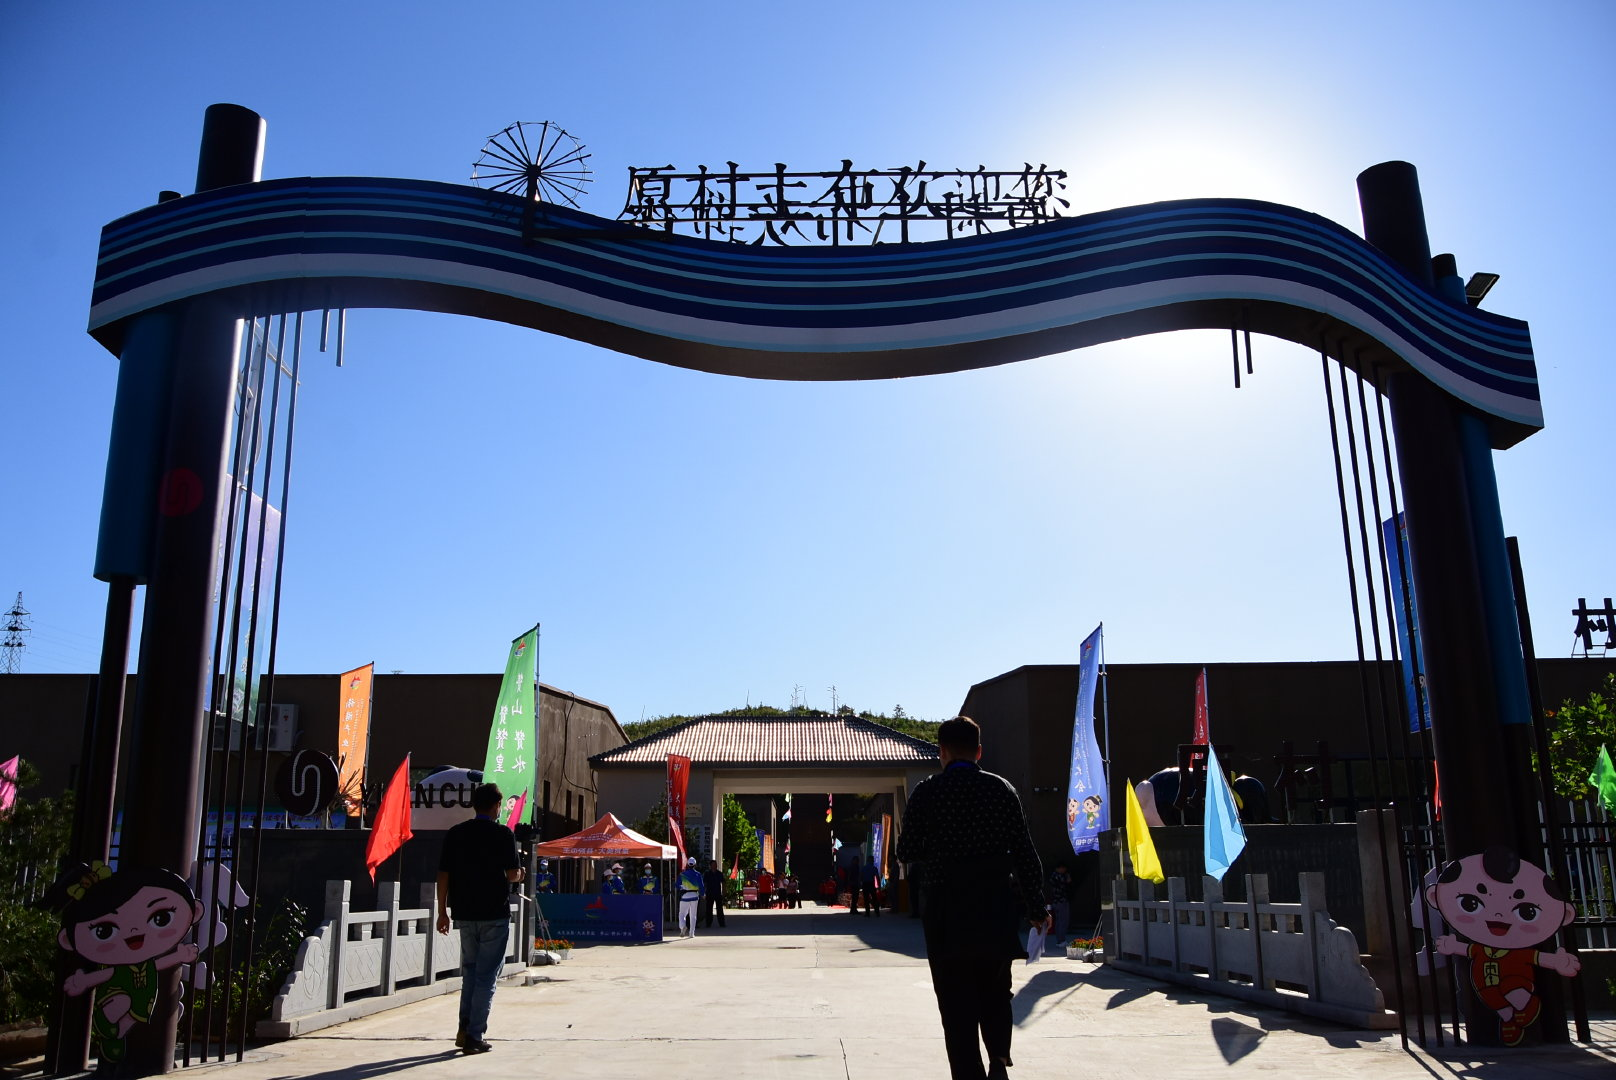 穿越布纹 探索非物质文化遗产之美 藏湟源村吐蕃文化产业园天上有洞